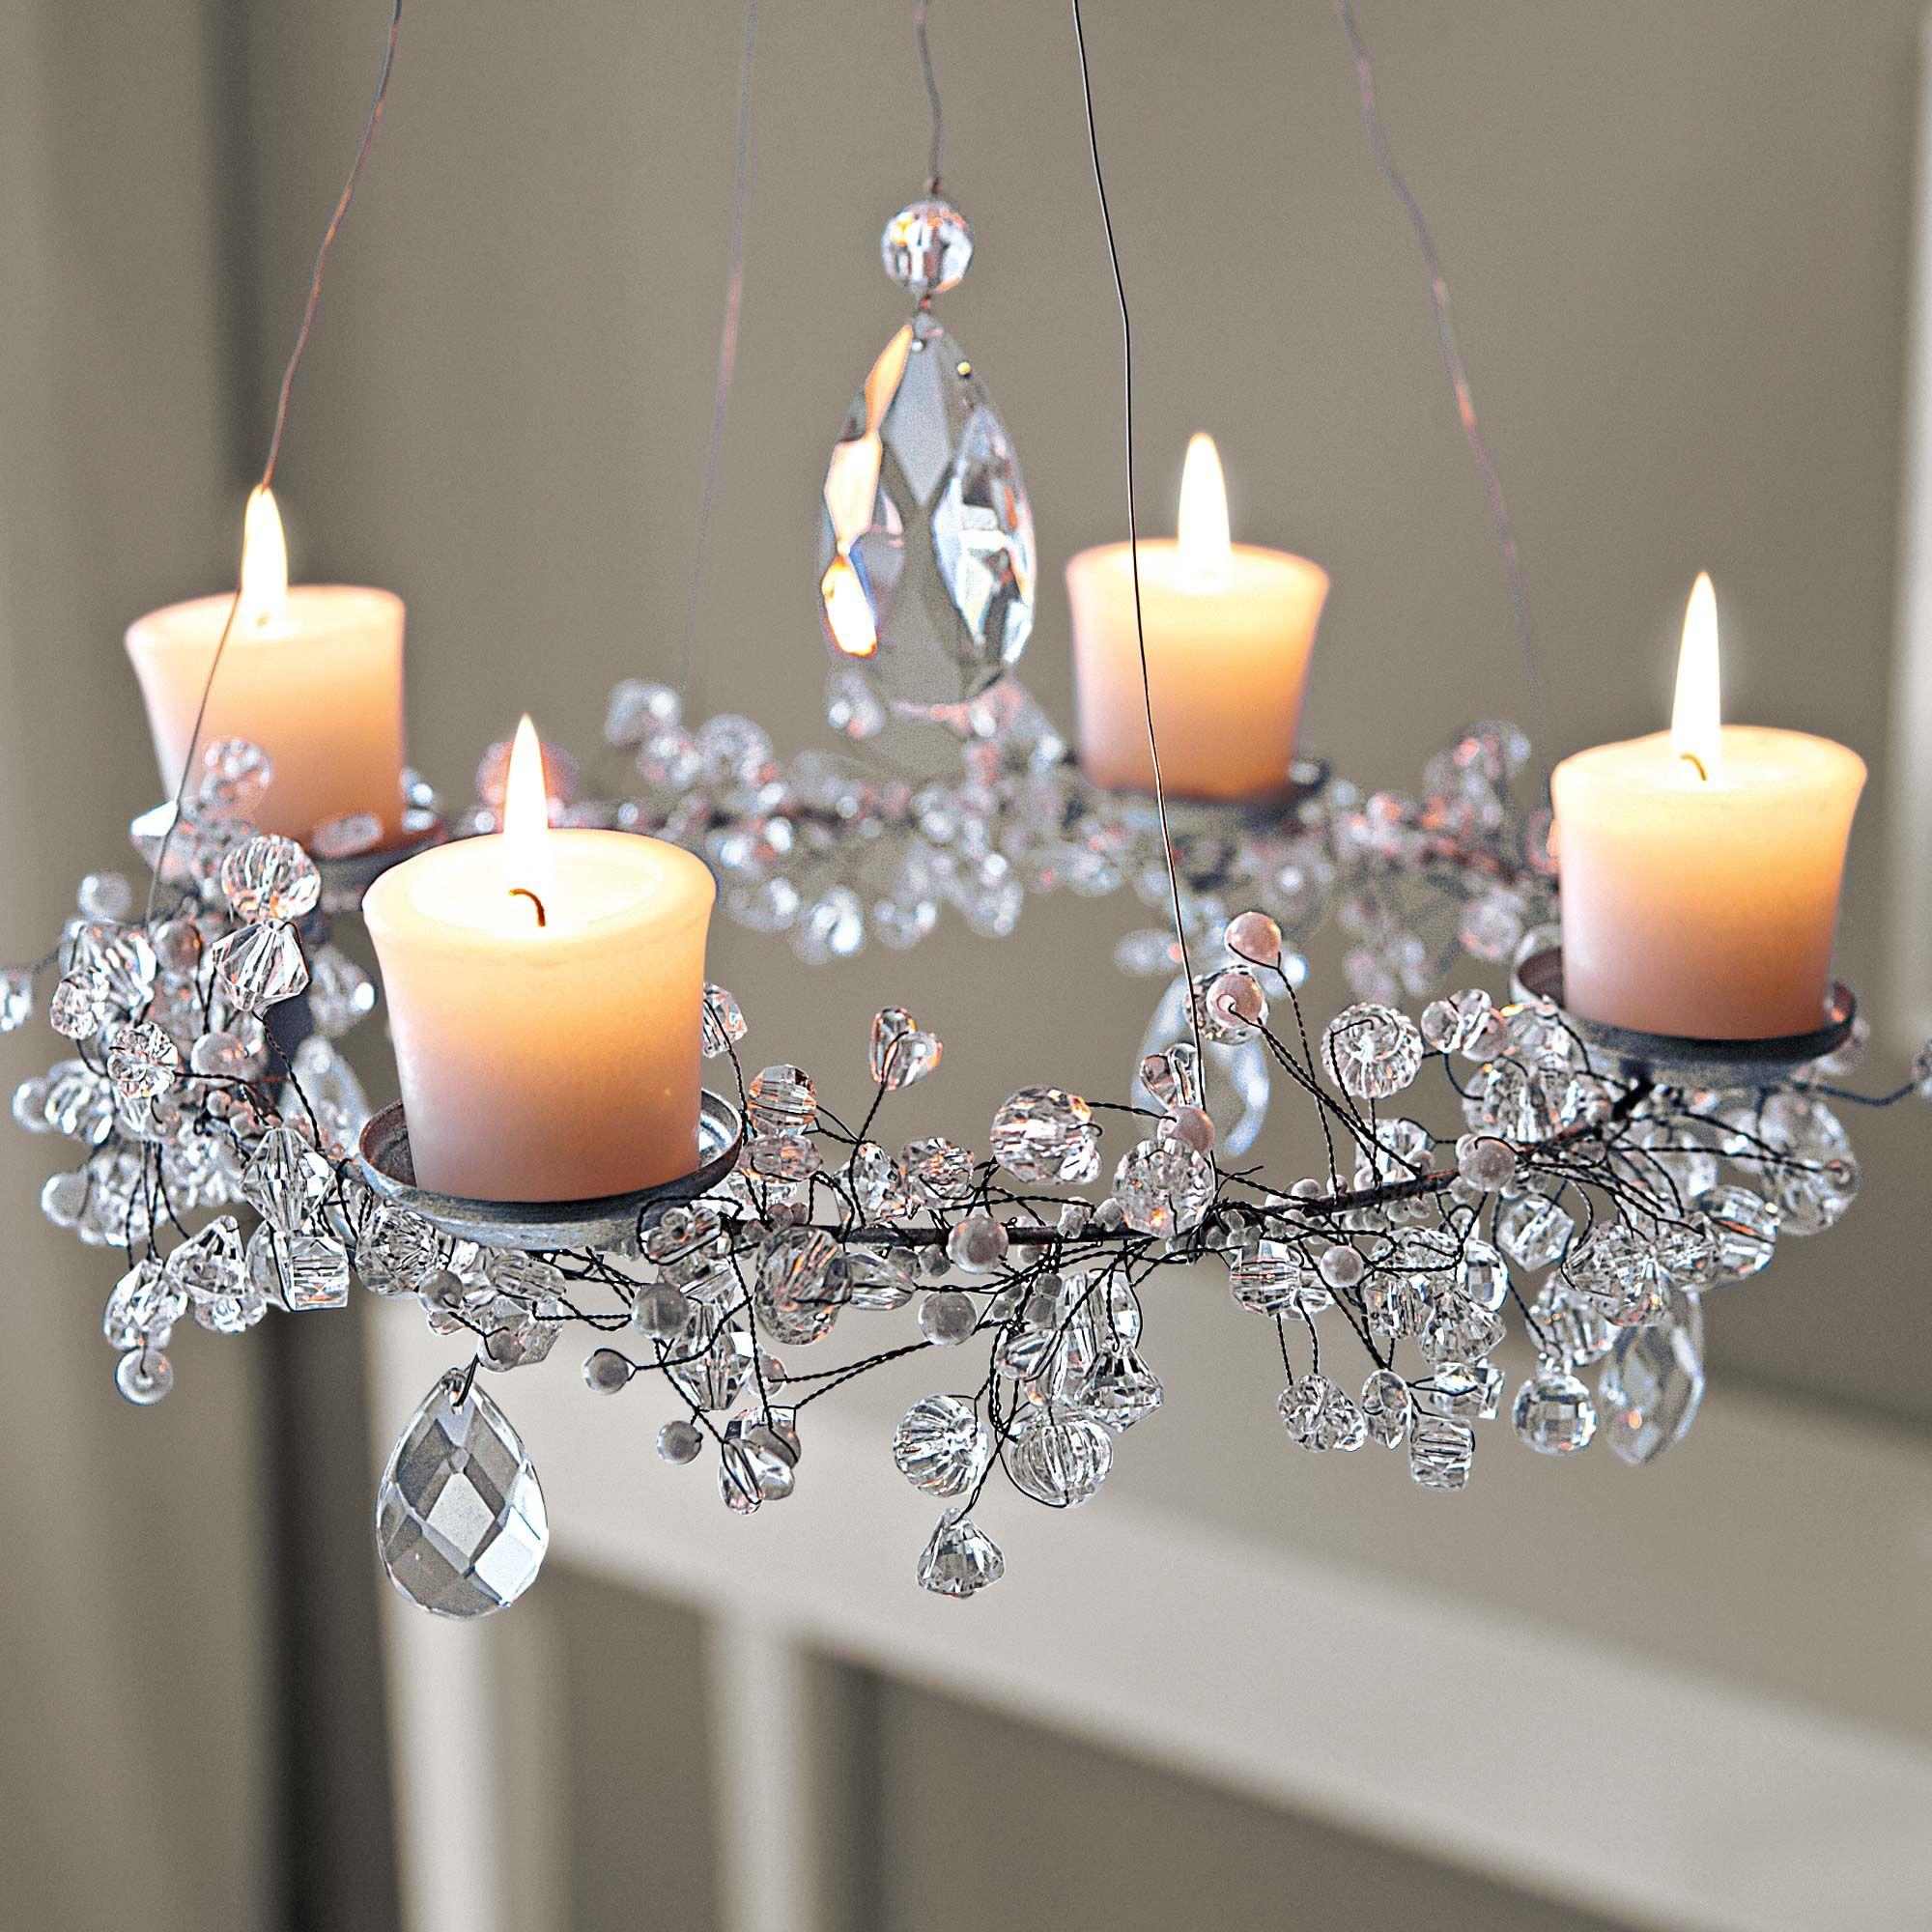 Pin von velisa gutierrez auf candles   Pinterest   Kerzenlicht ...